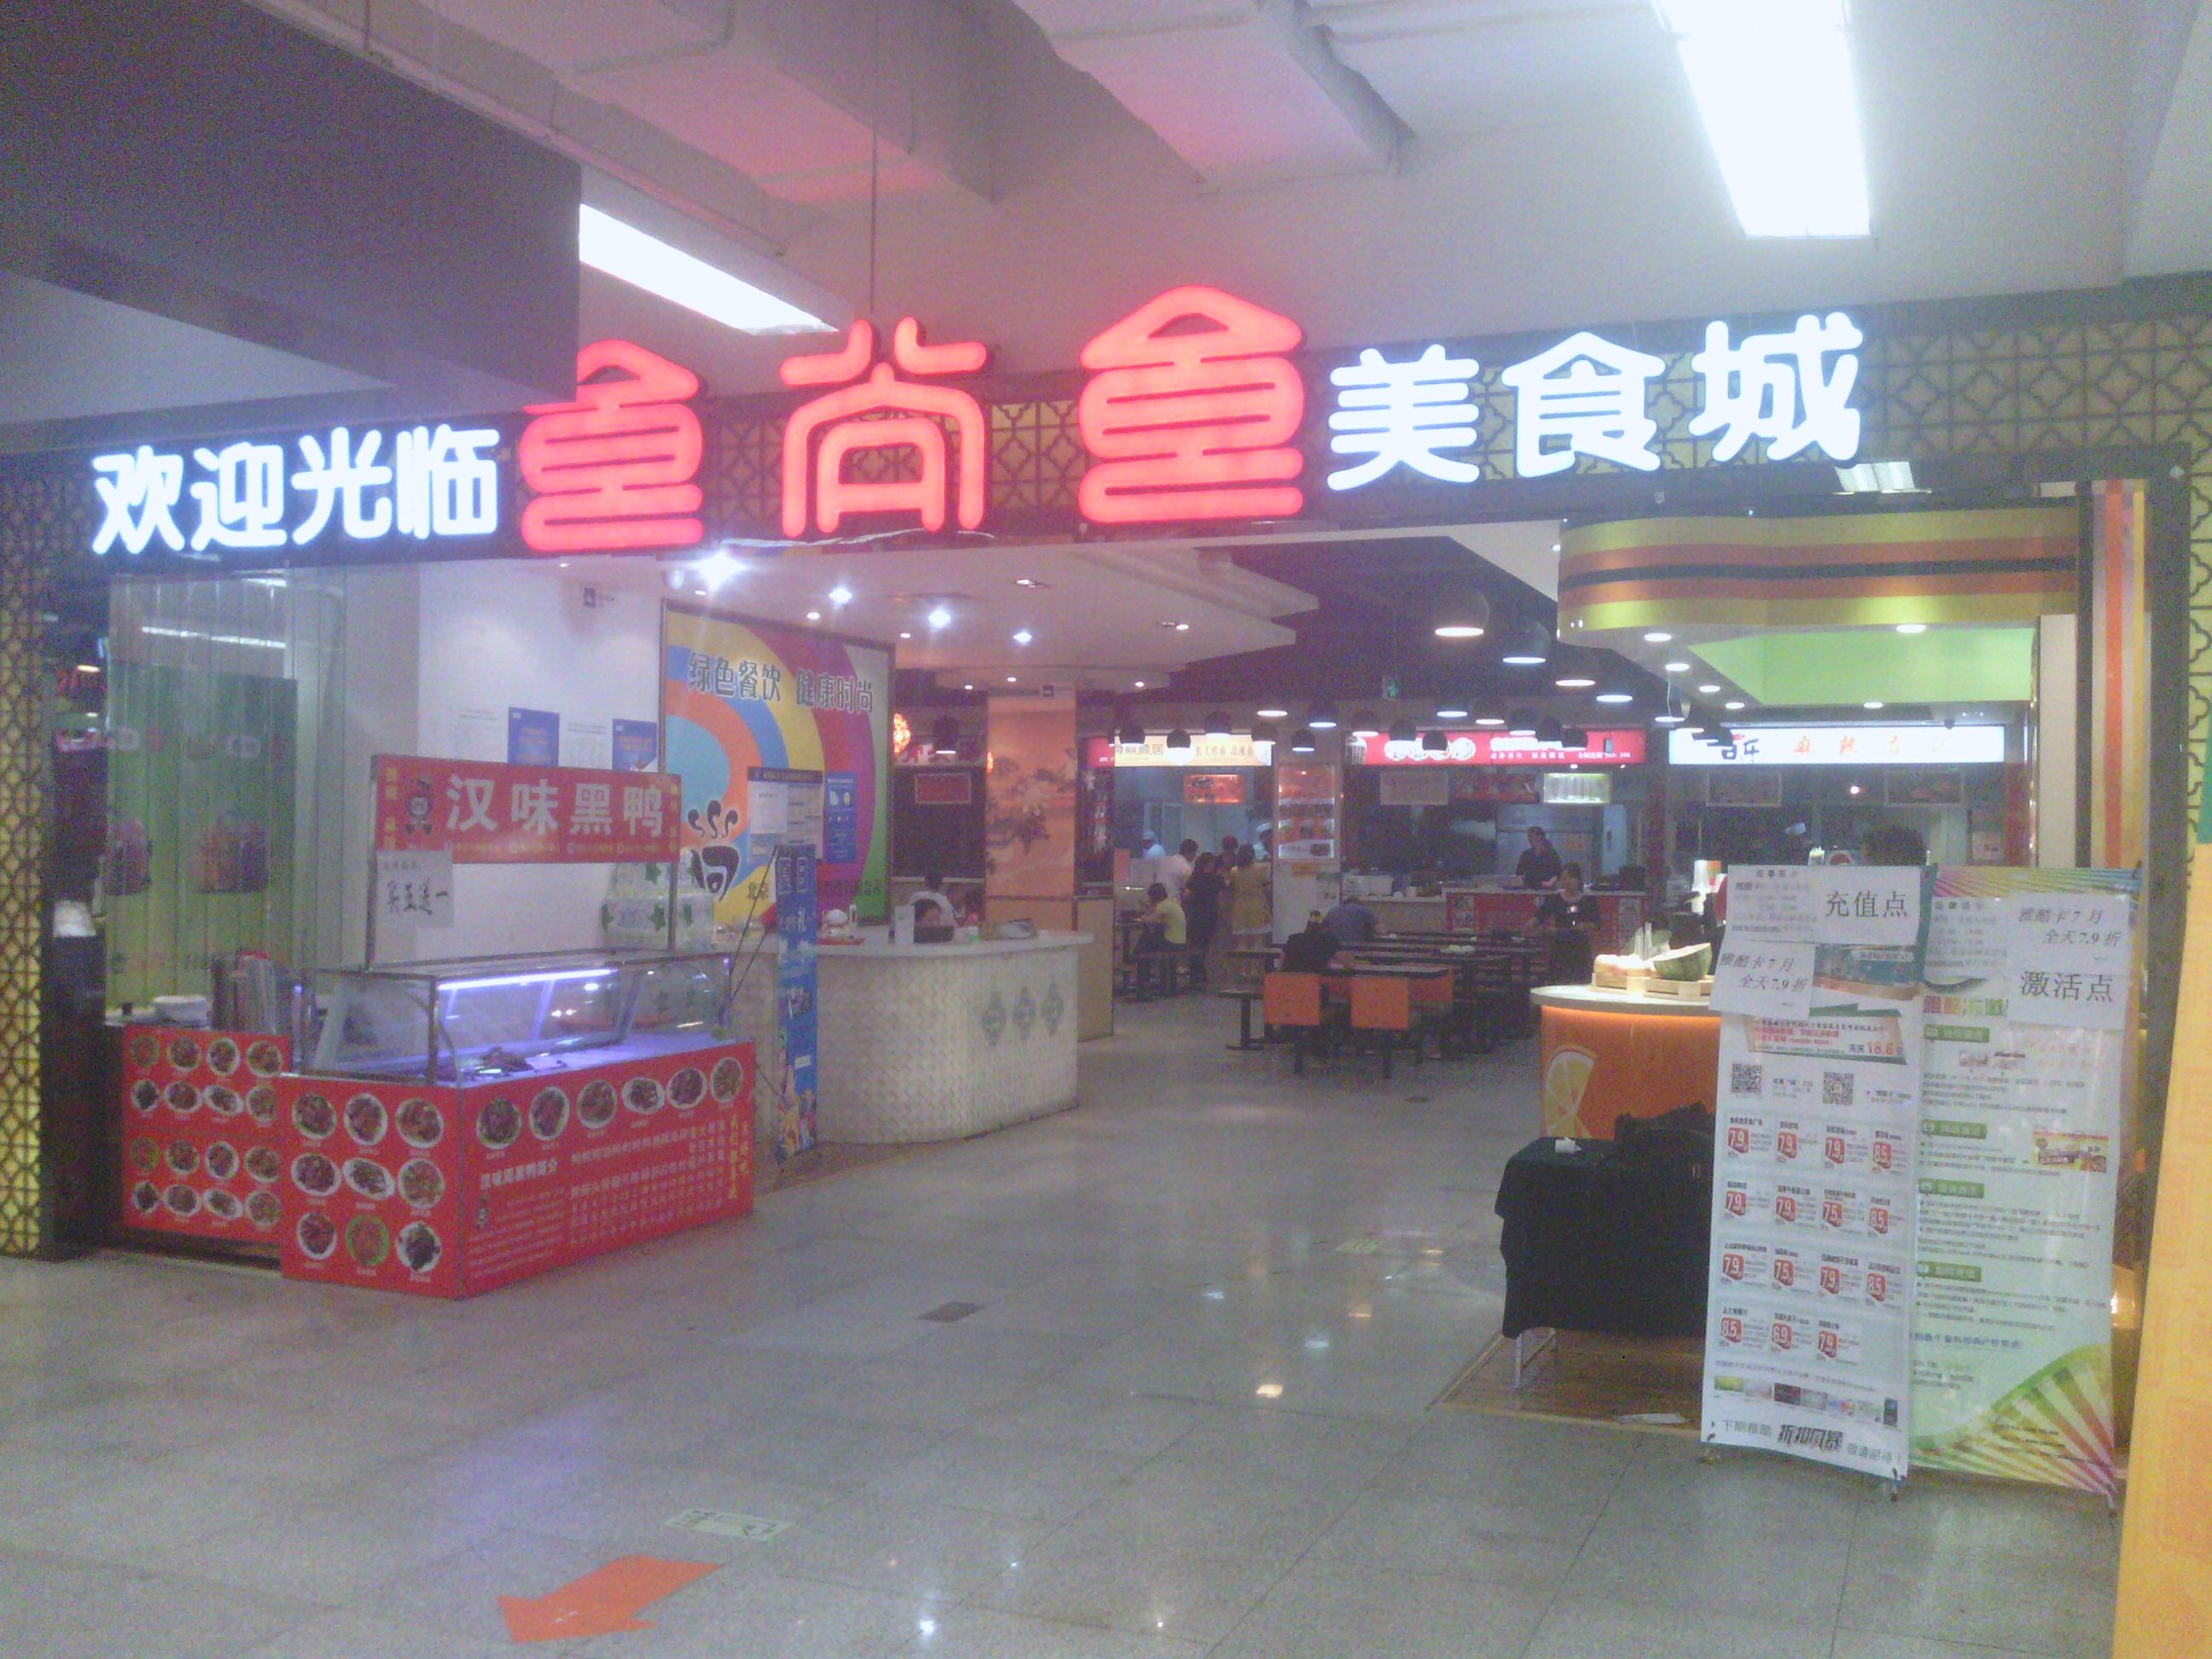 食尚食美食广场